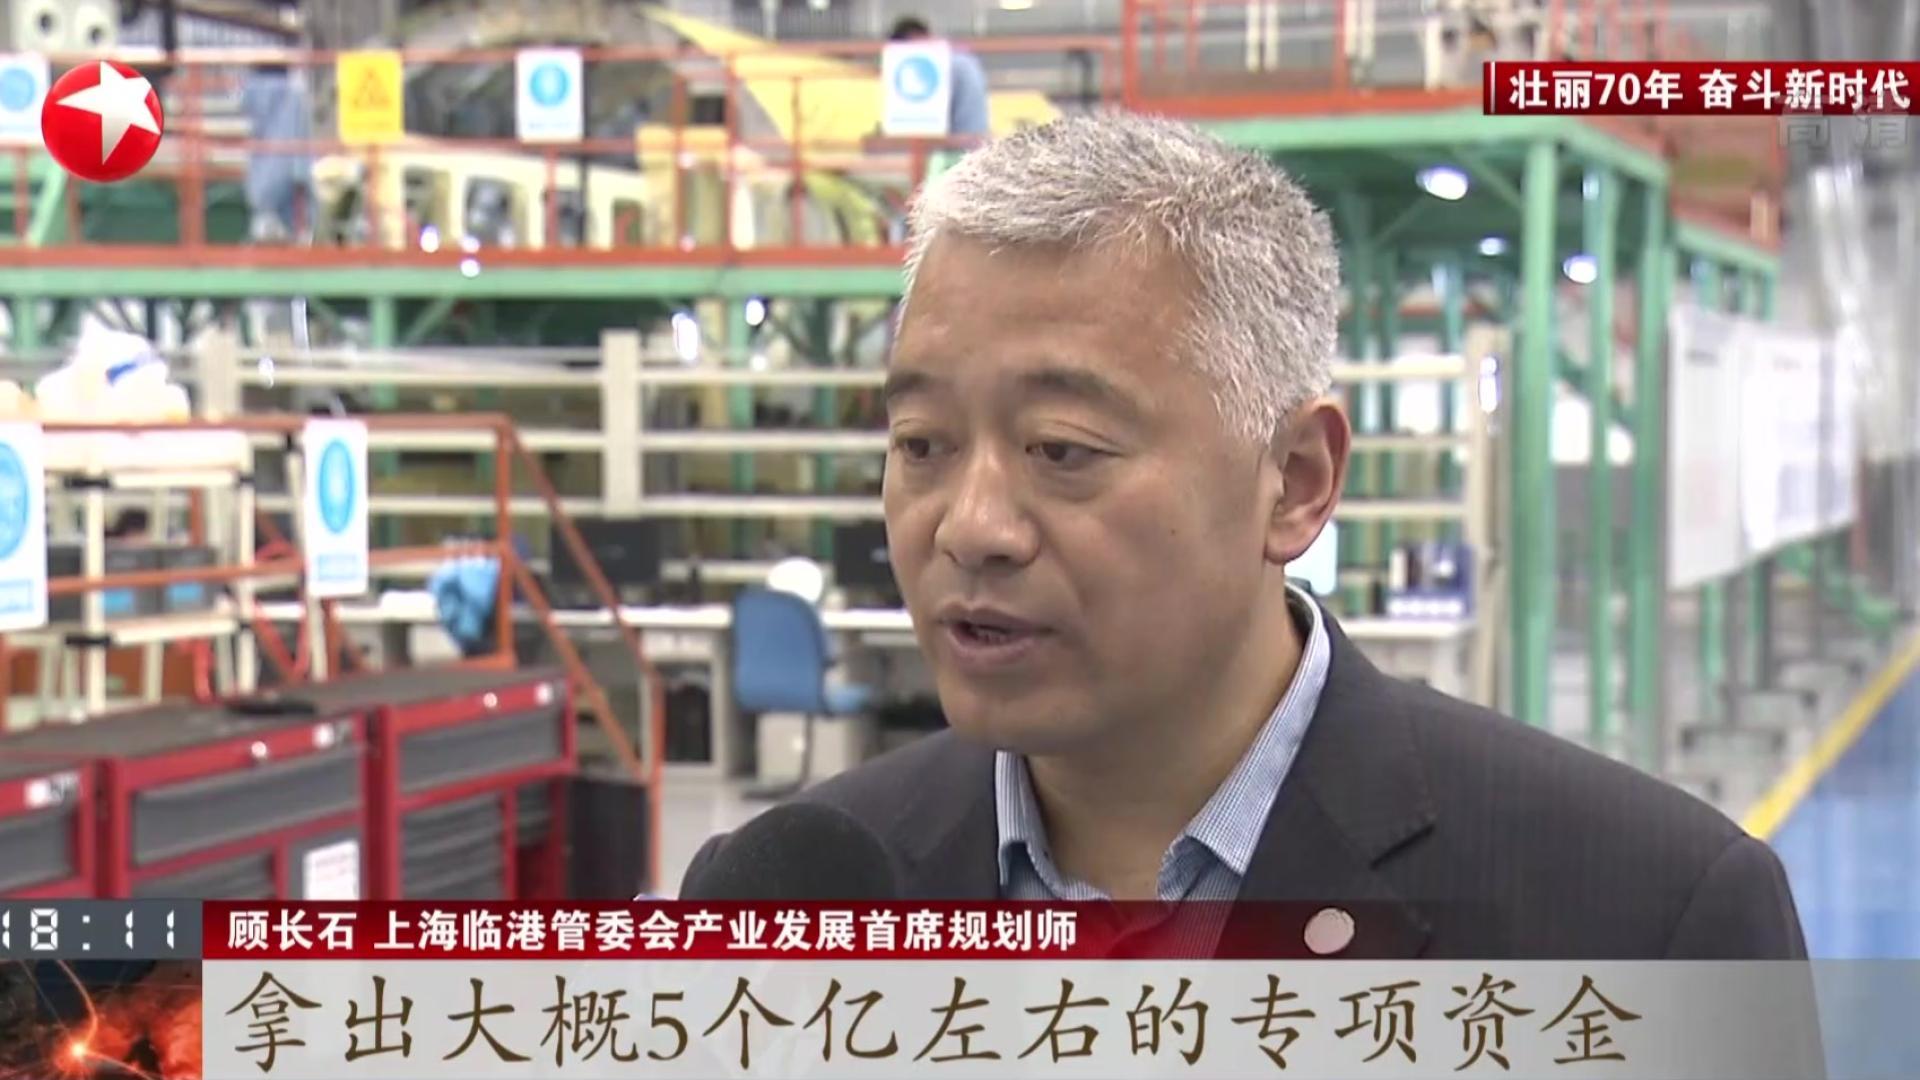 上海临港:瞄准全球顶尖制造业  打造航空整机装配智能生产线